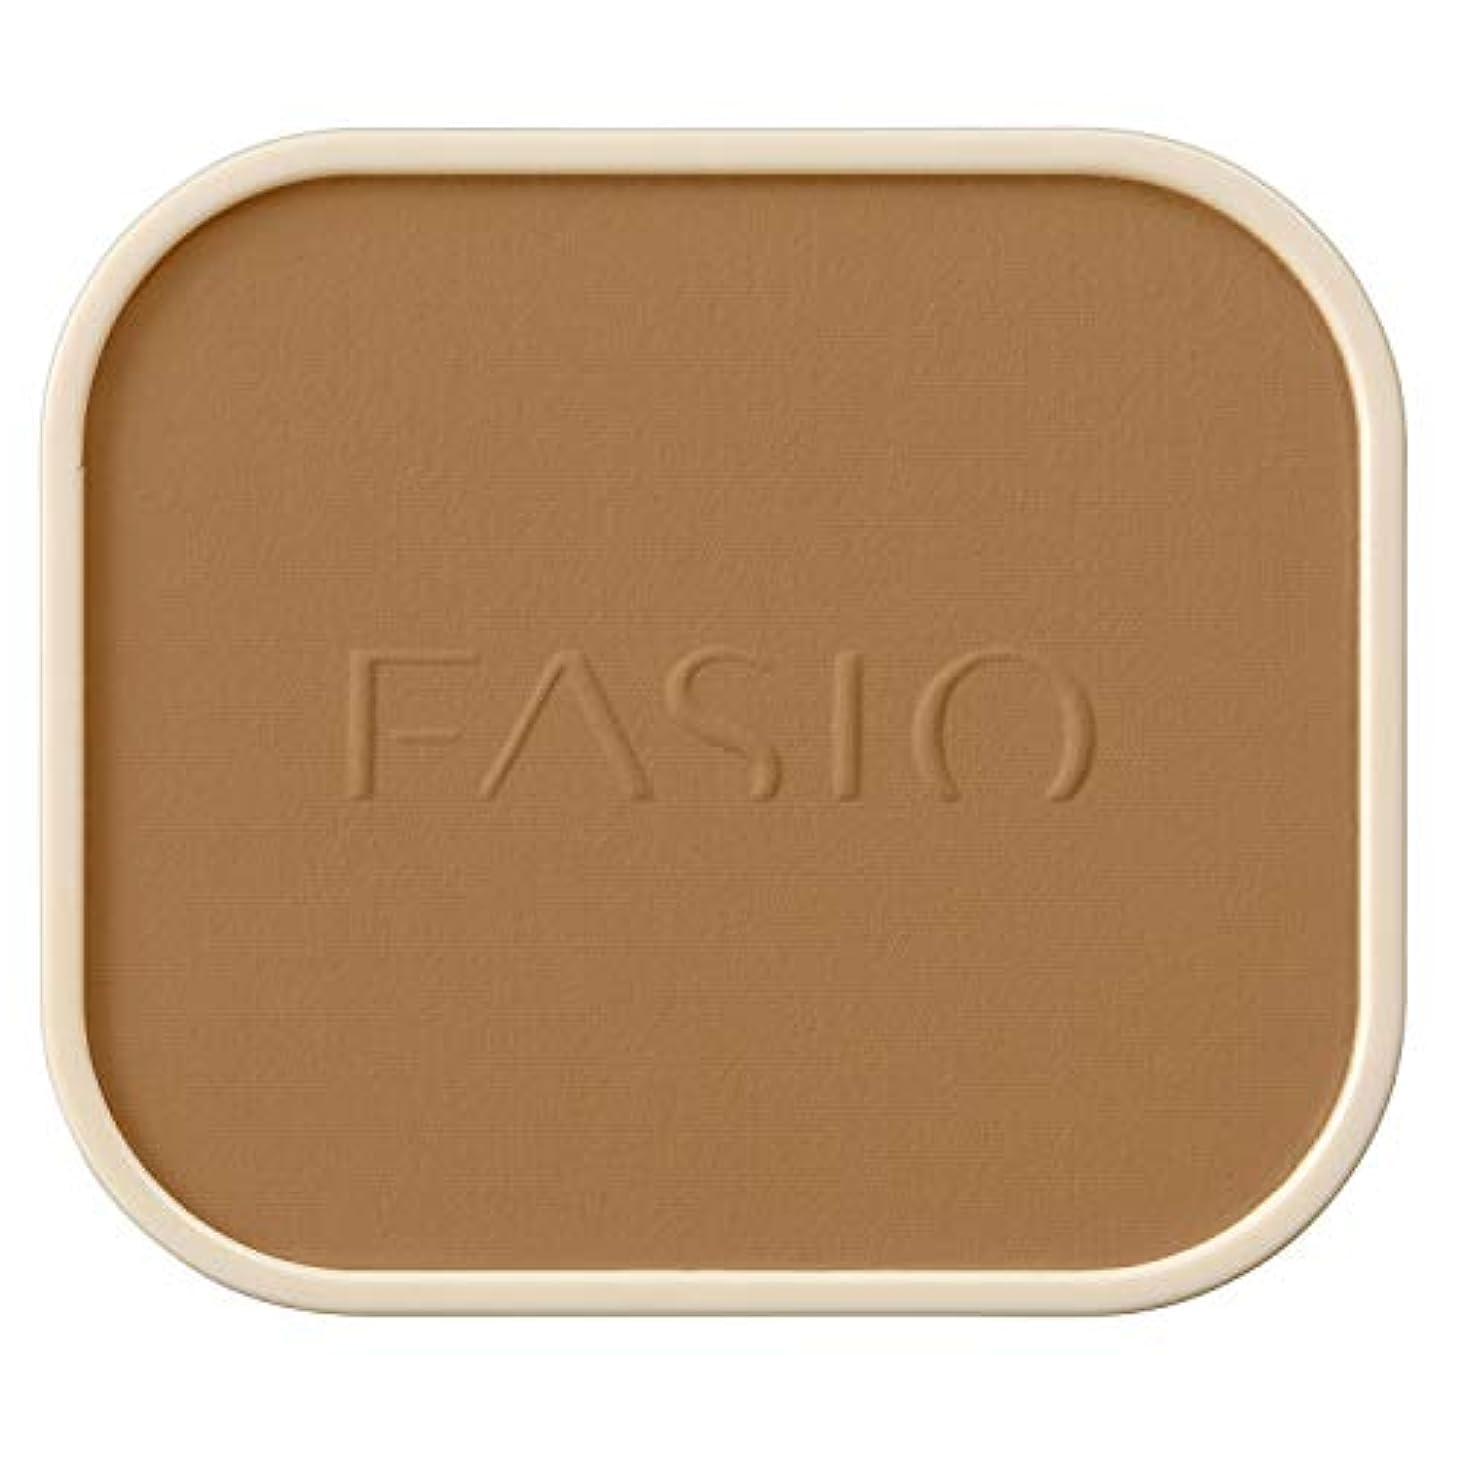 つぶやき待って提案ファシオ ラスティング ファンデーション WP オークル 425 10g